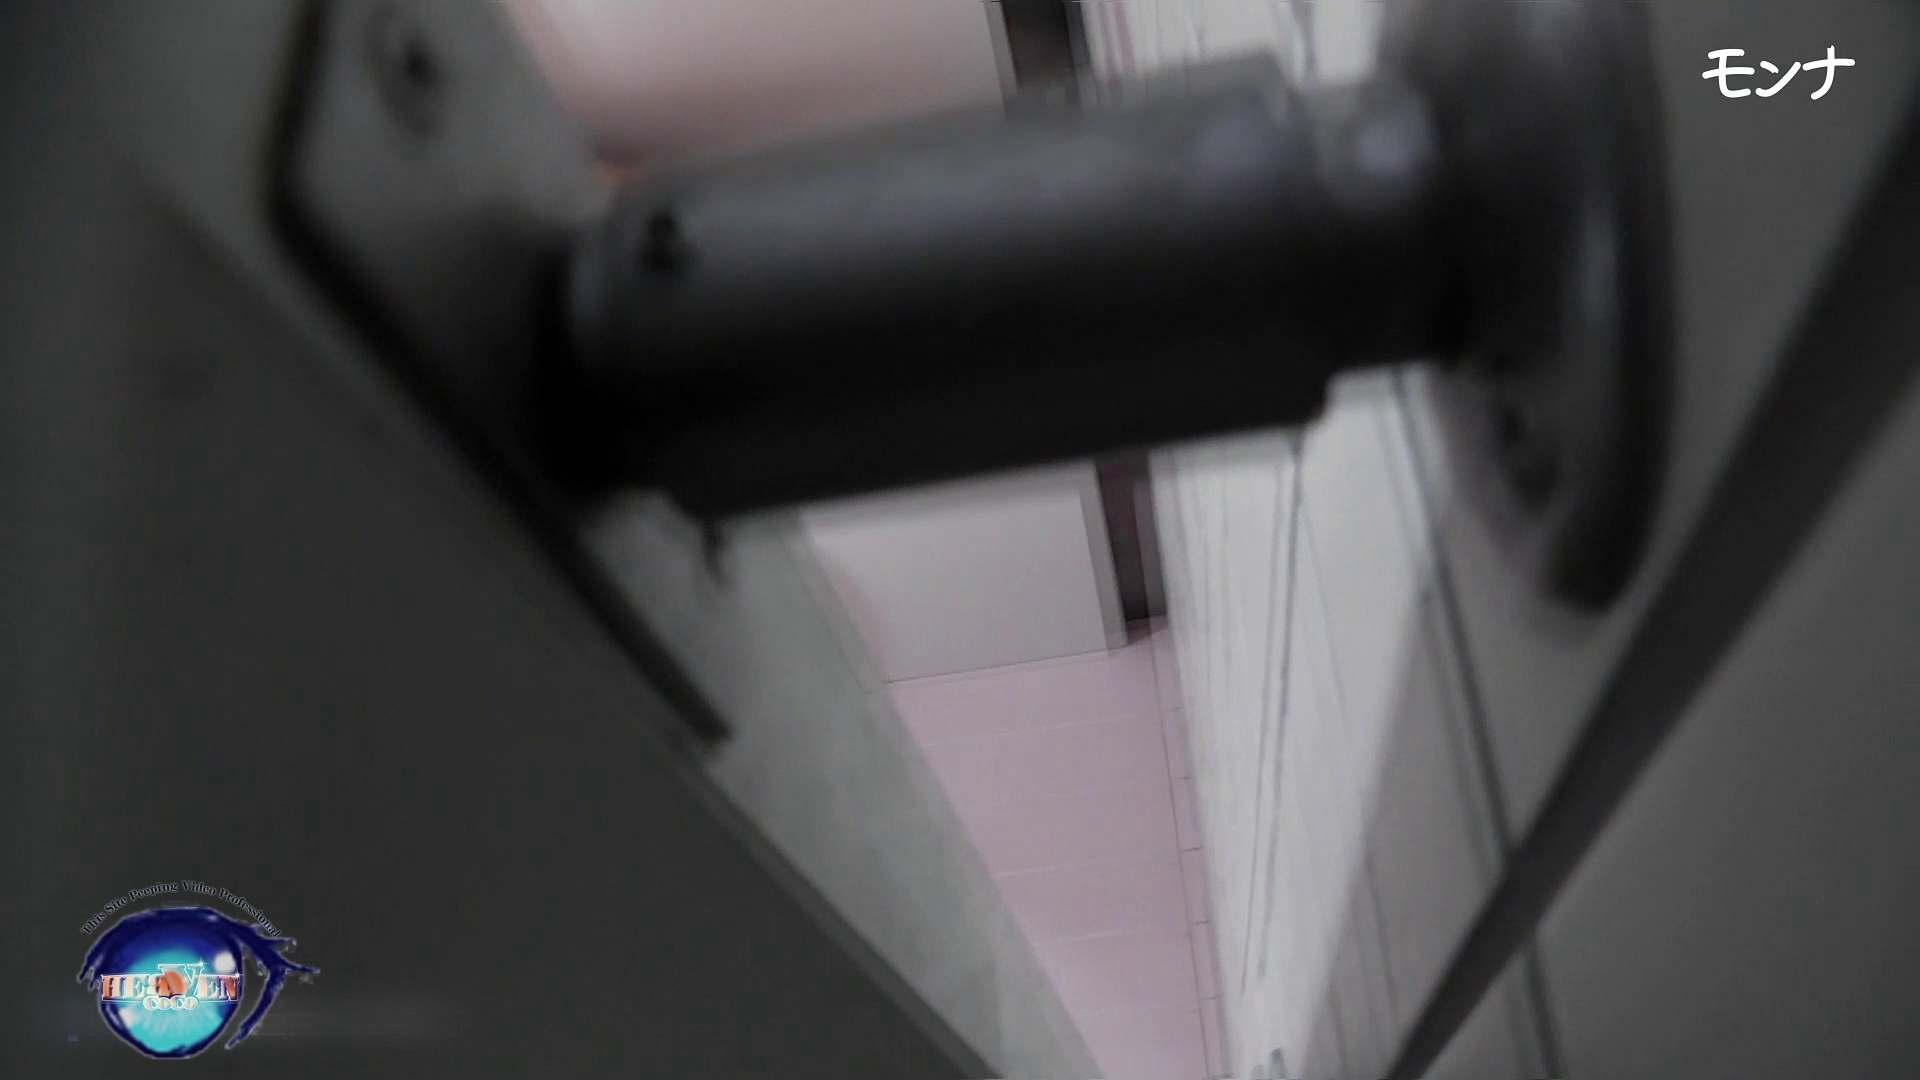 【美しい日本の未来】美しい日本の未来 No.74 無修正マンコ オメコ動画キャプチャ 110連発 82